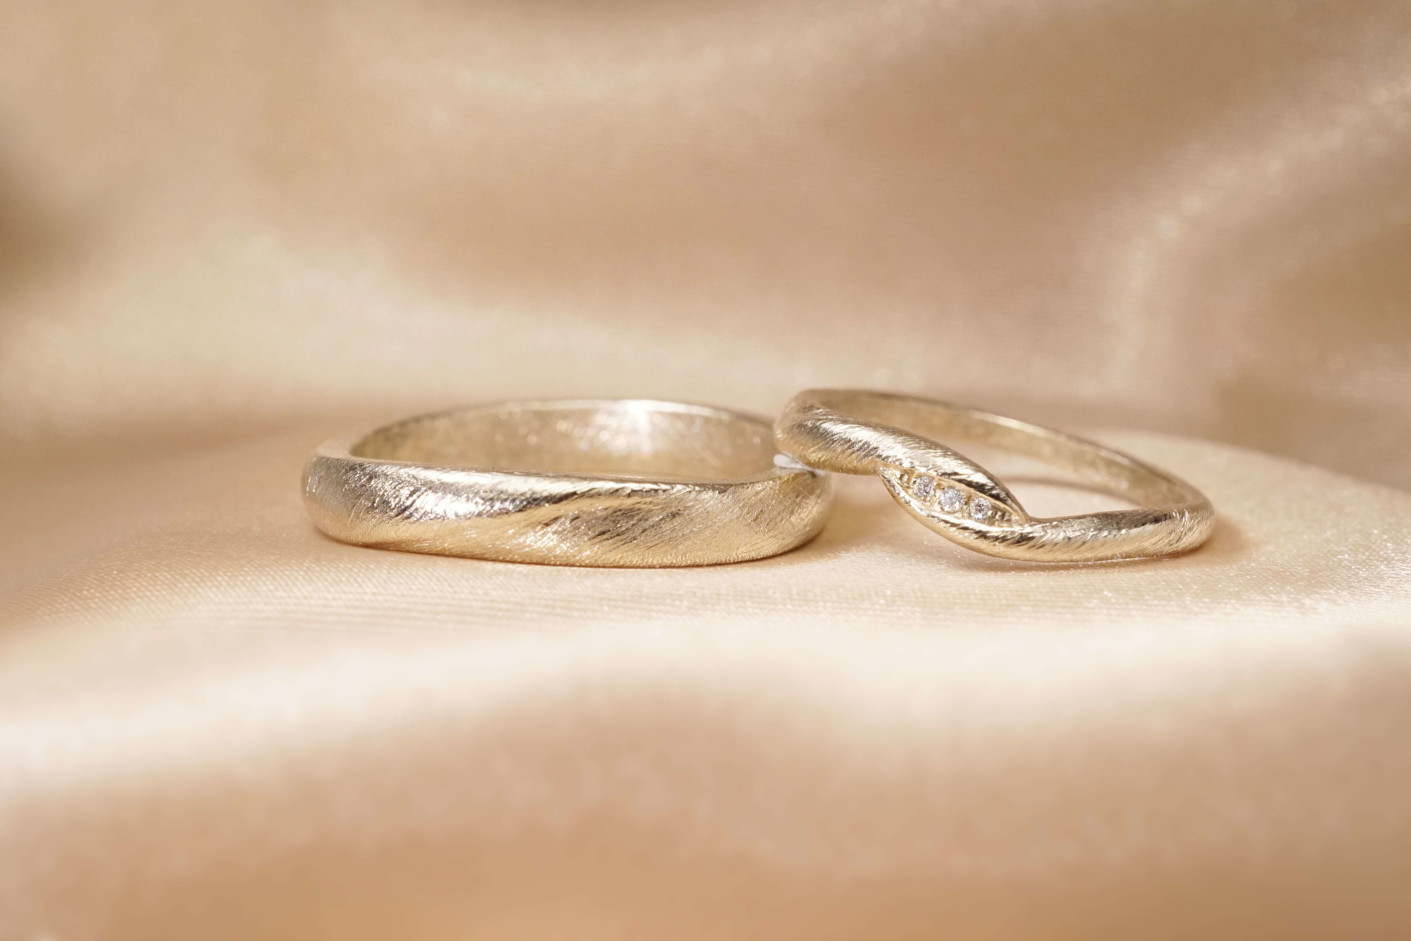 Chia Jewelry定製婚戒|客製化婚戒|訂製對戒|客製化對戒|婚戒品牌|鑽戒|男戒